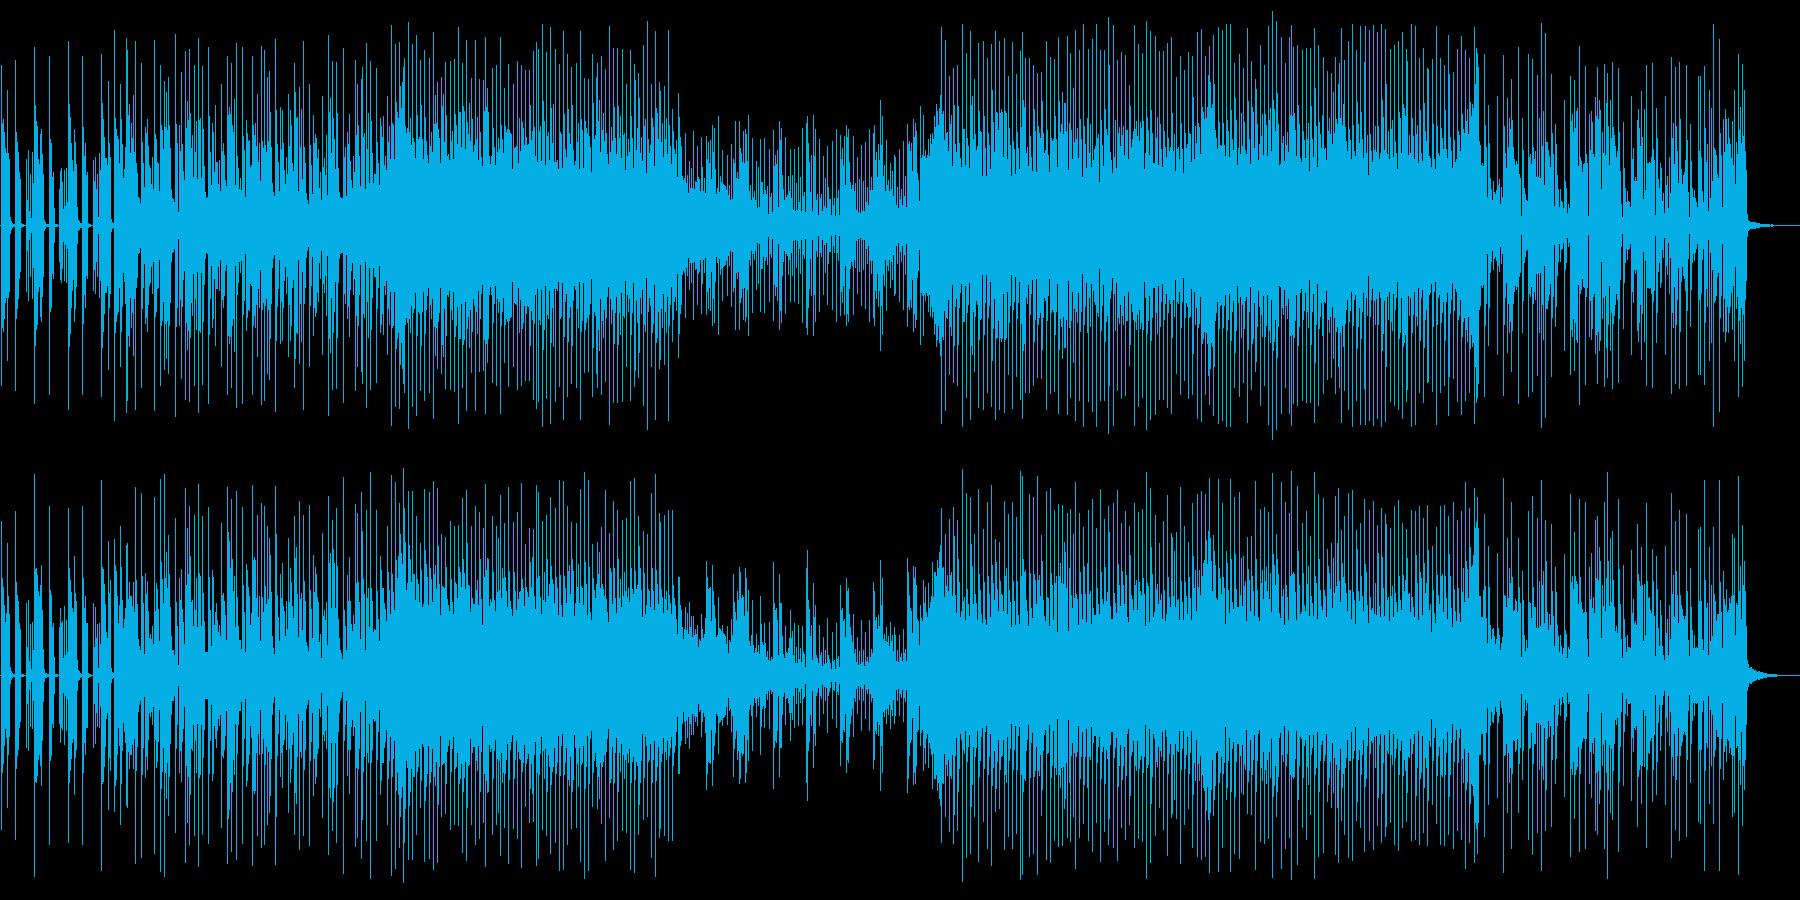 ピアノとエレクトロニカ VoxOffの再生済みの波形